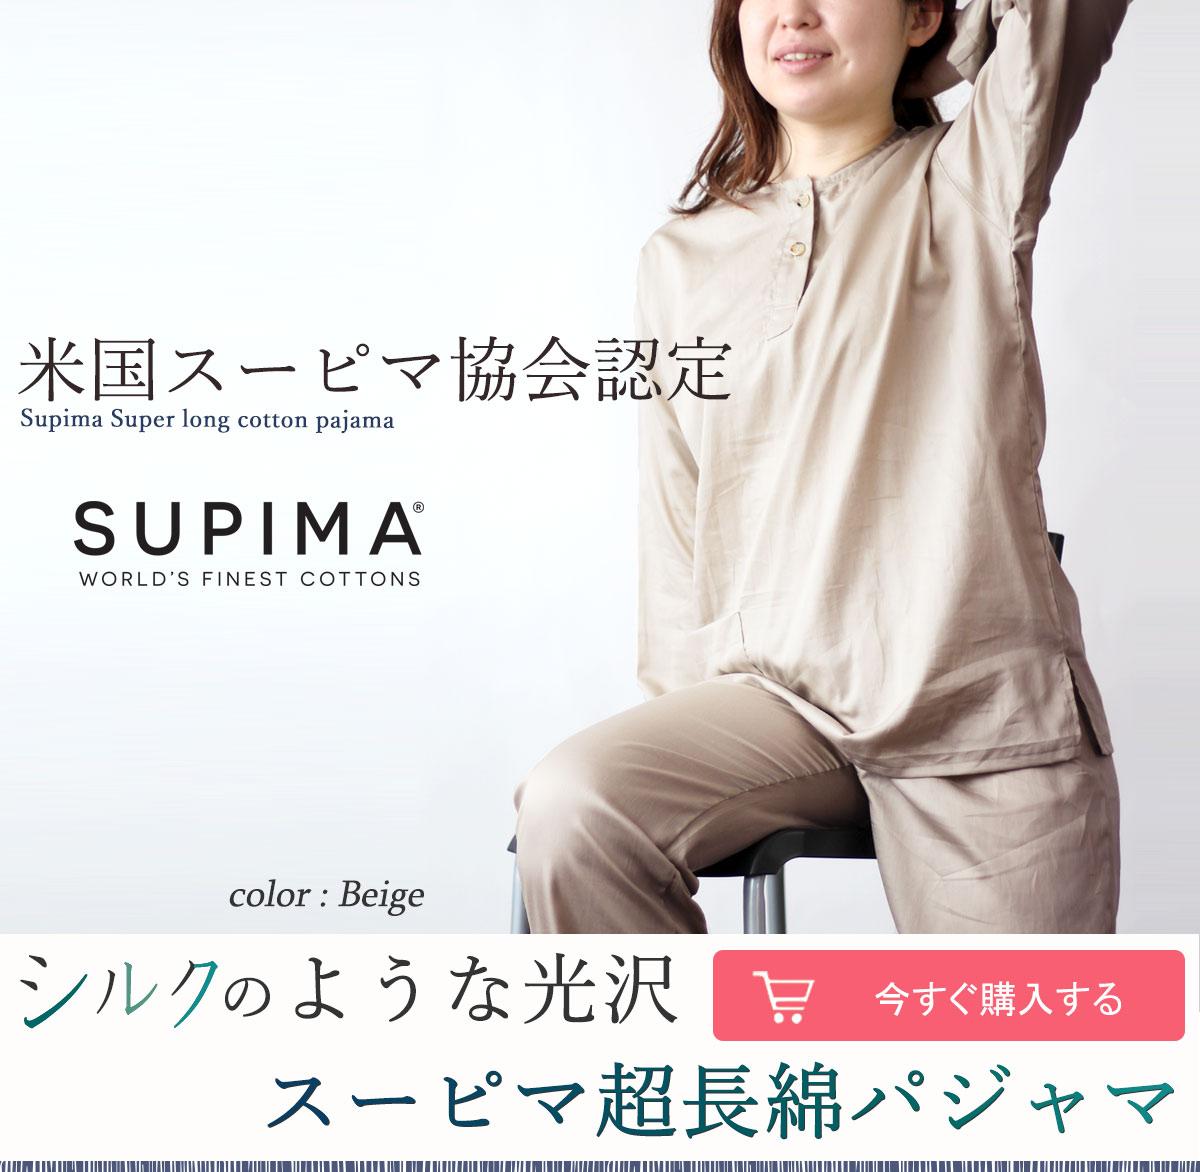 米国スーピマ協会認定 シルクのような光沢、スーピマ超長綿かぶりパジャマ